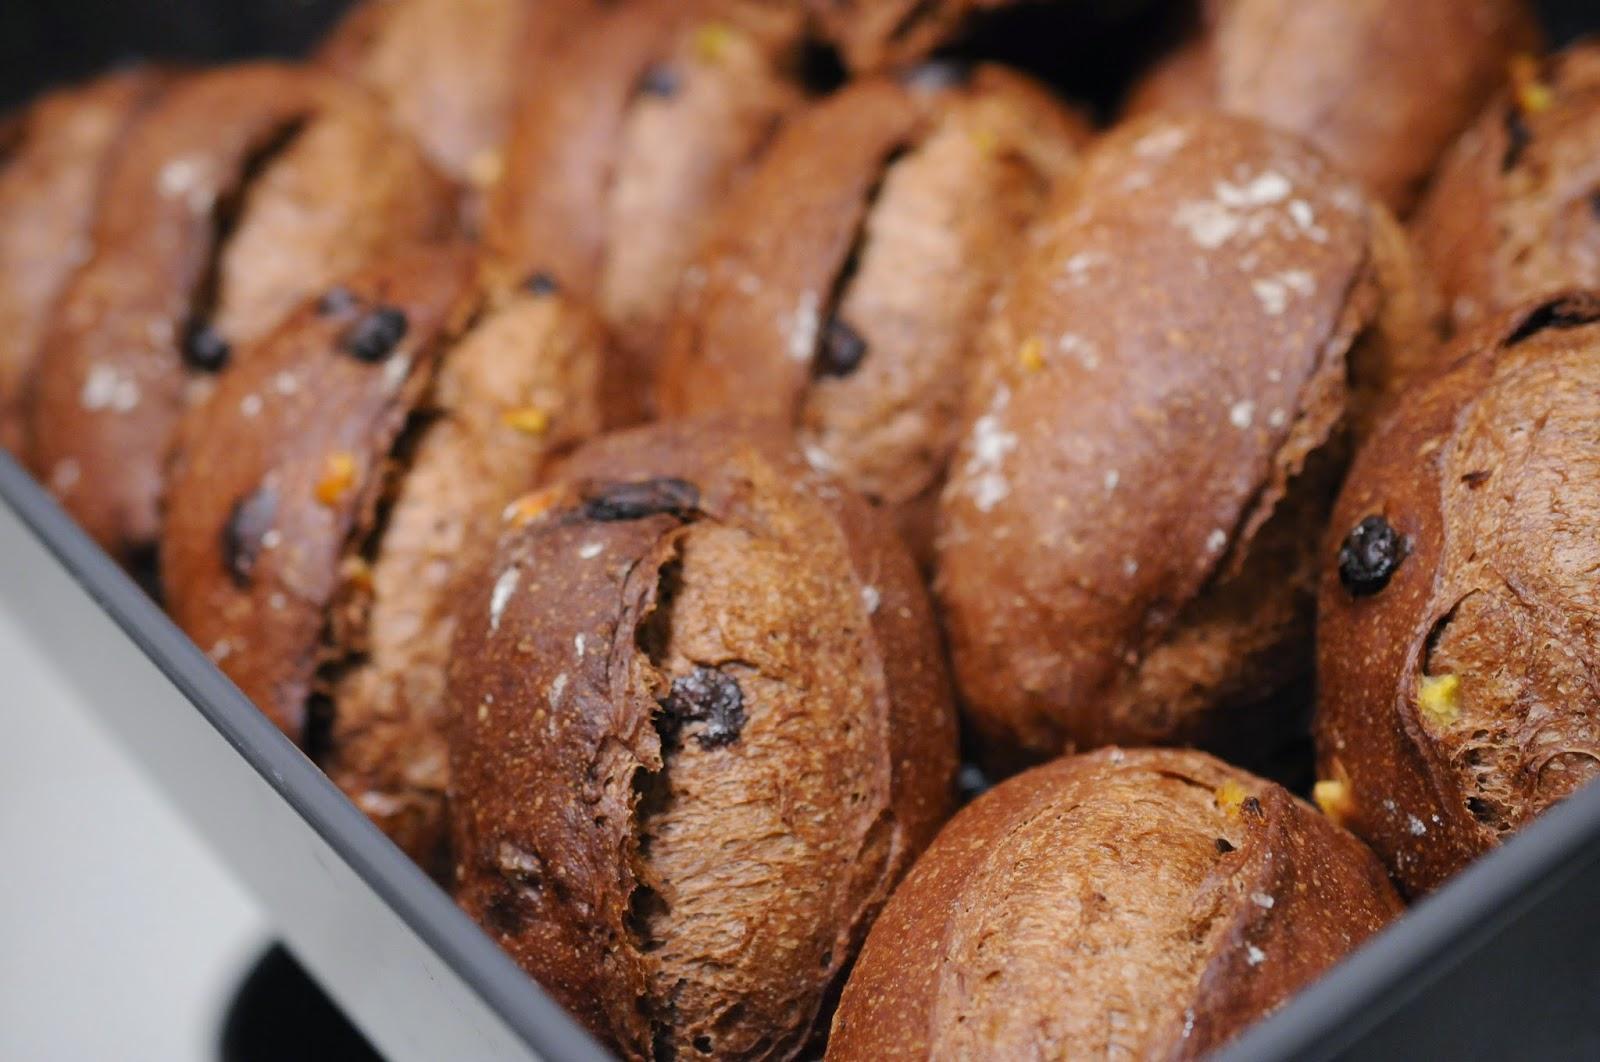 麵包教我的事: 巧克力軟法、巧克力戚風